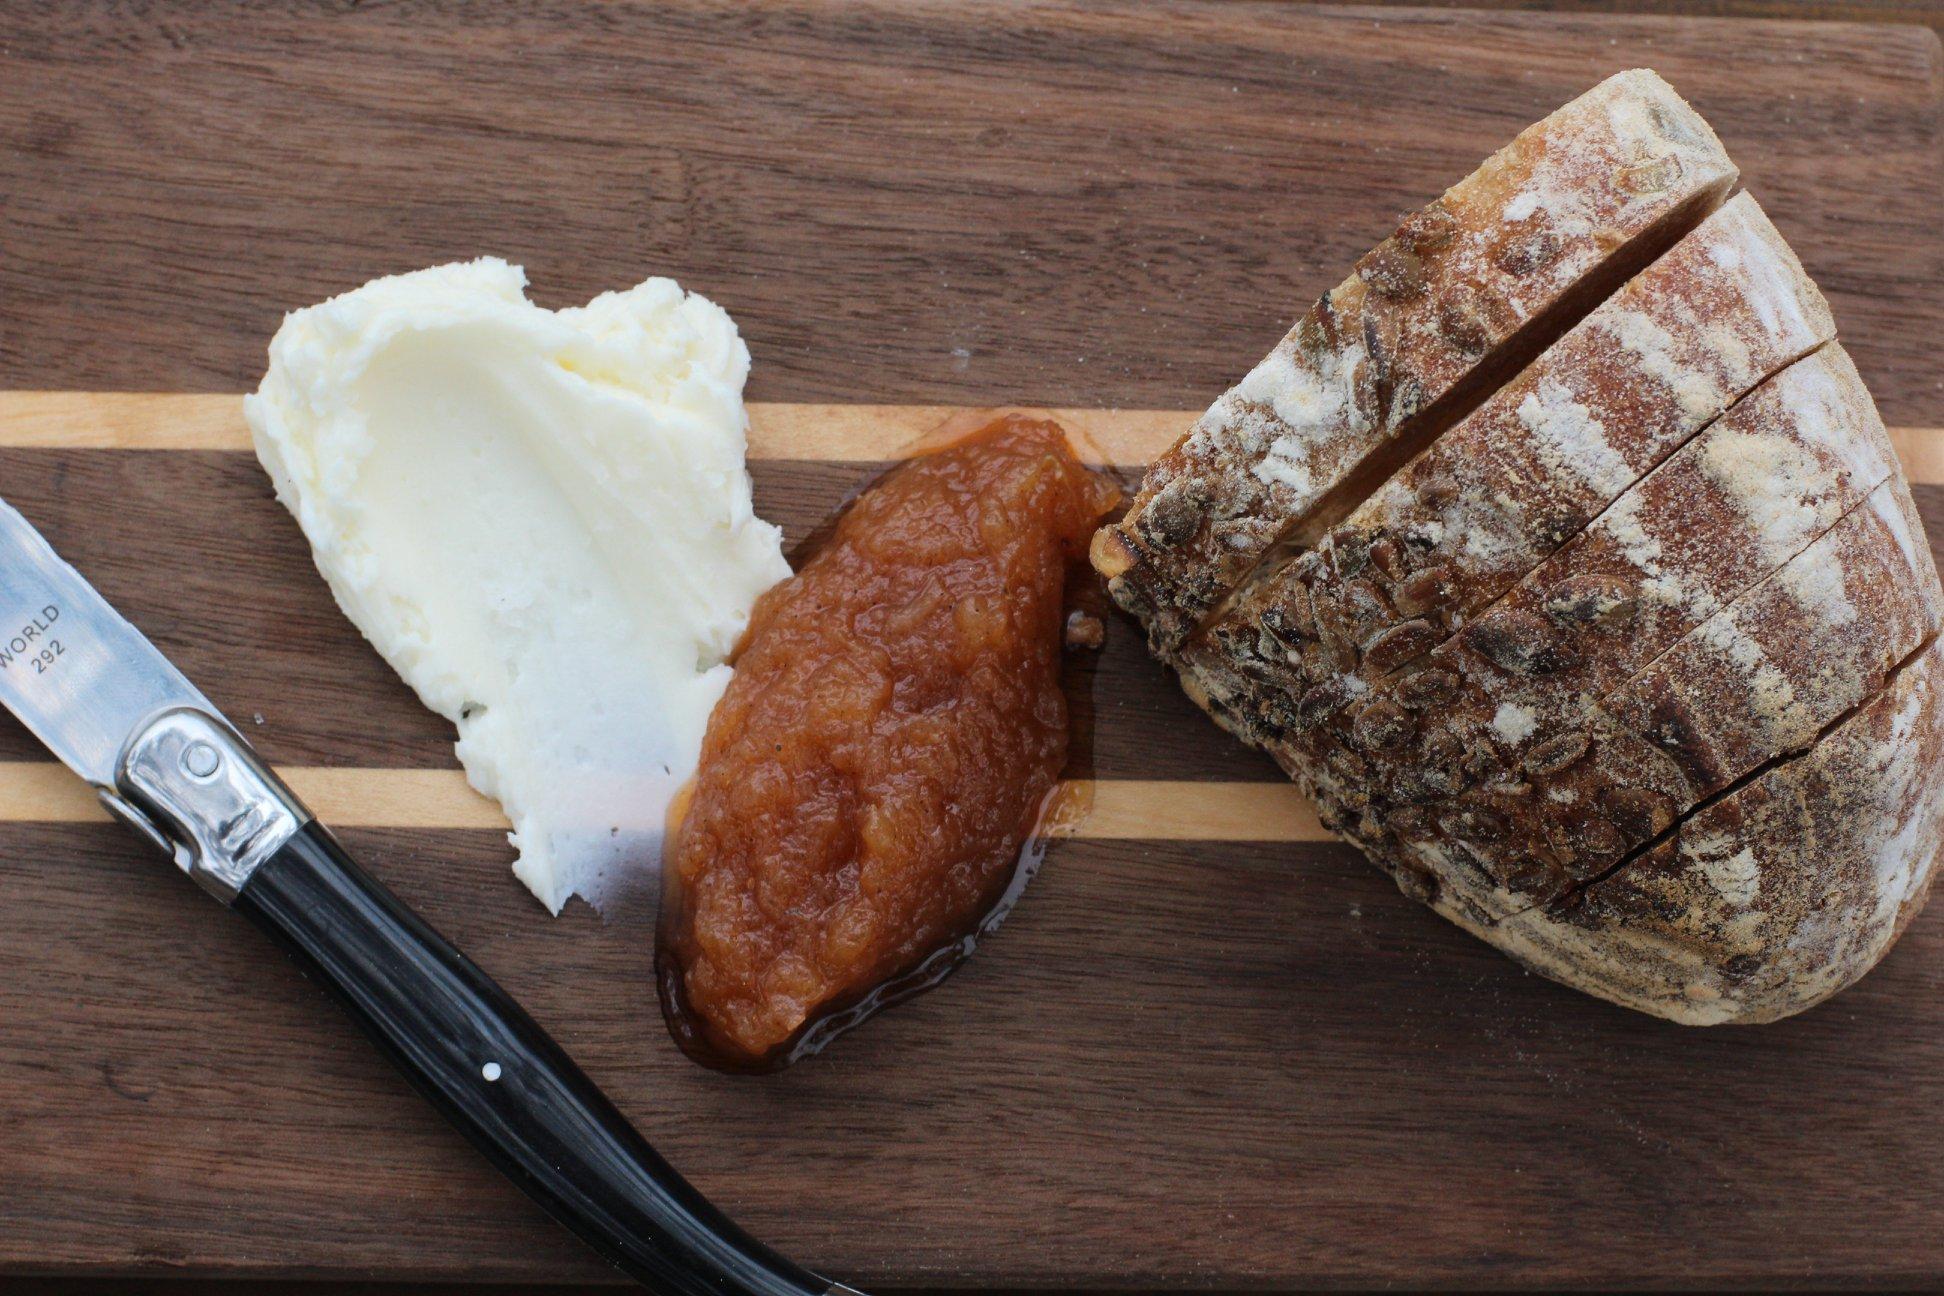 Jester King's bread